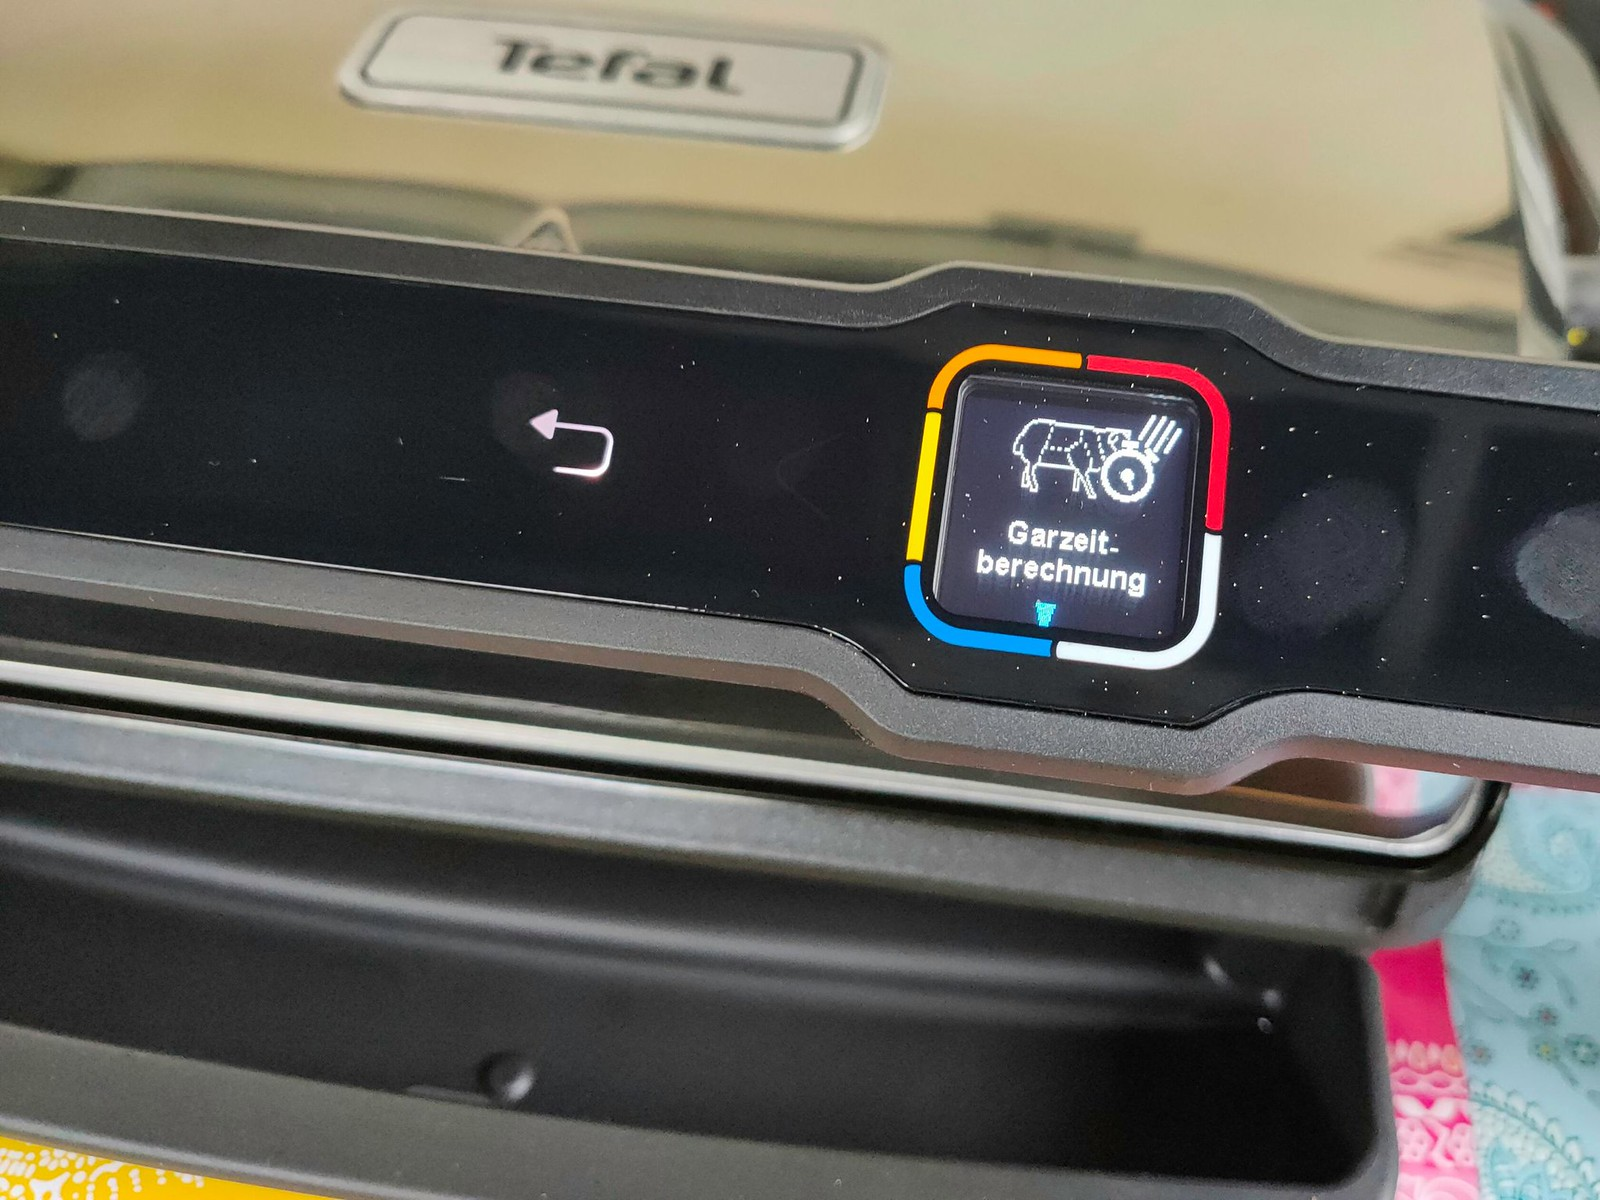 Garzeitberechnung für Lamm - Grillen mit dem Tefal Optigrill Elite XL